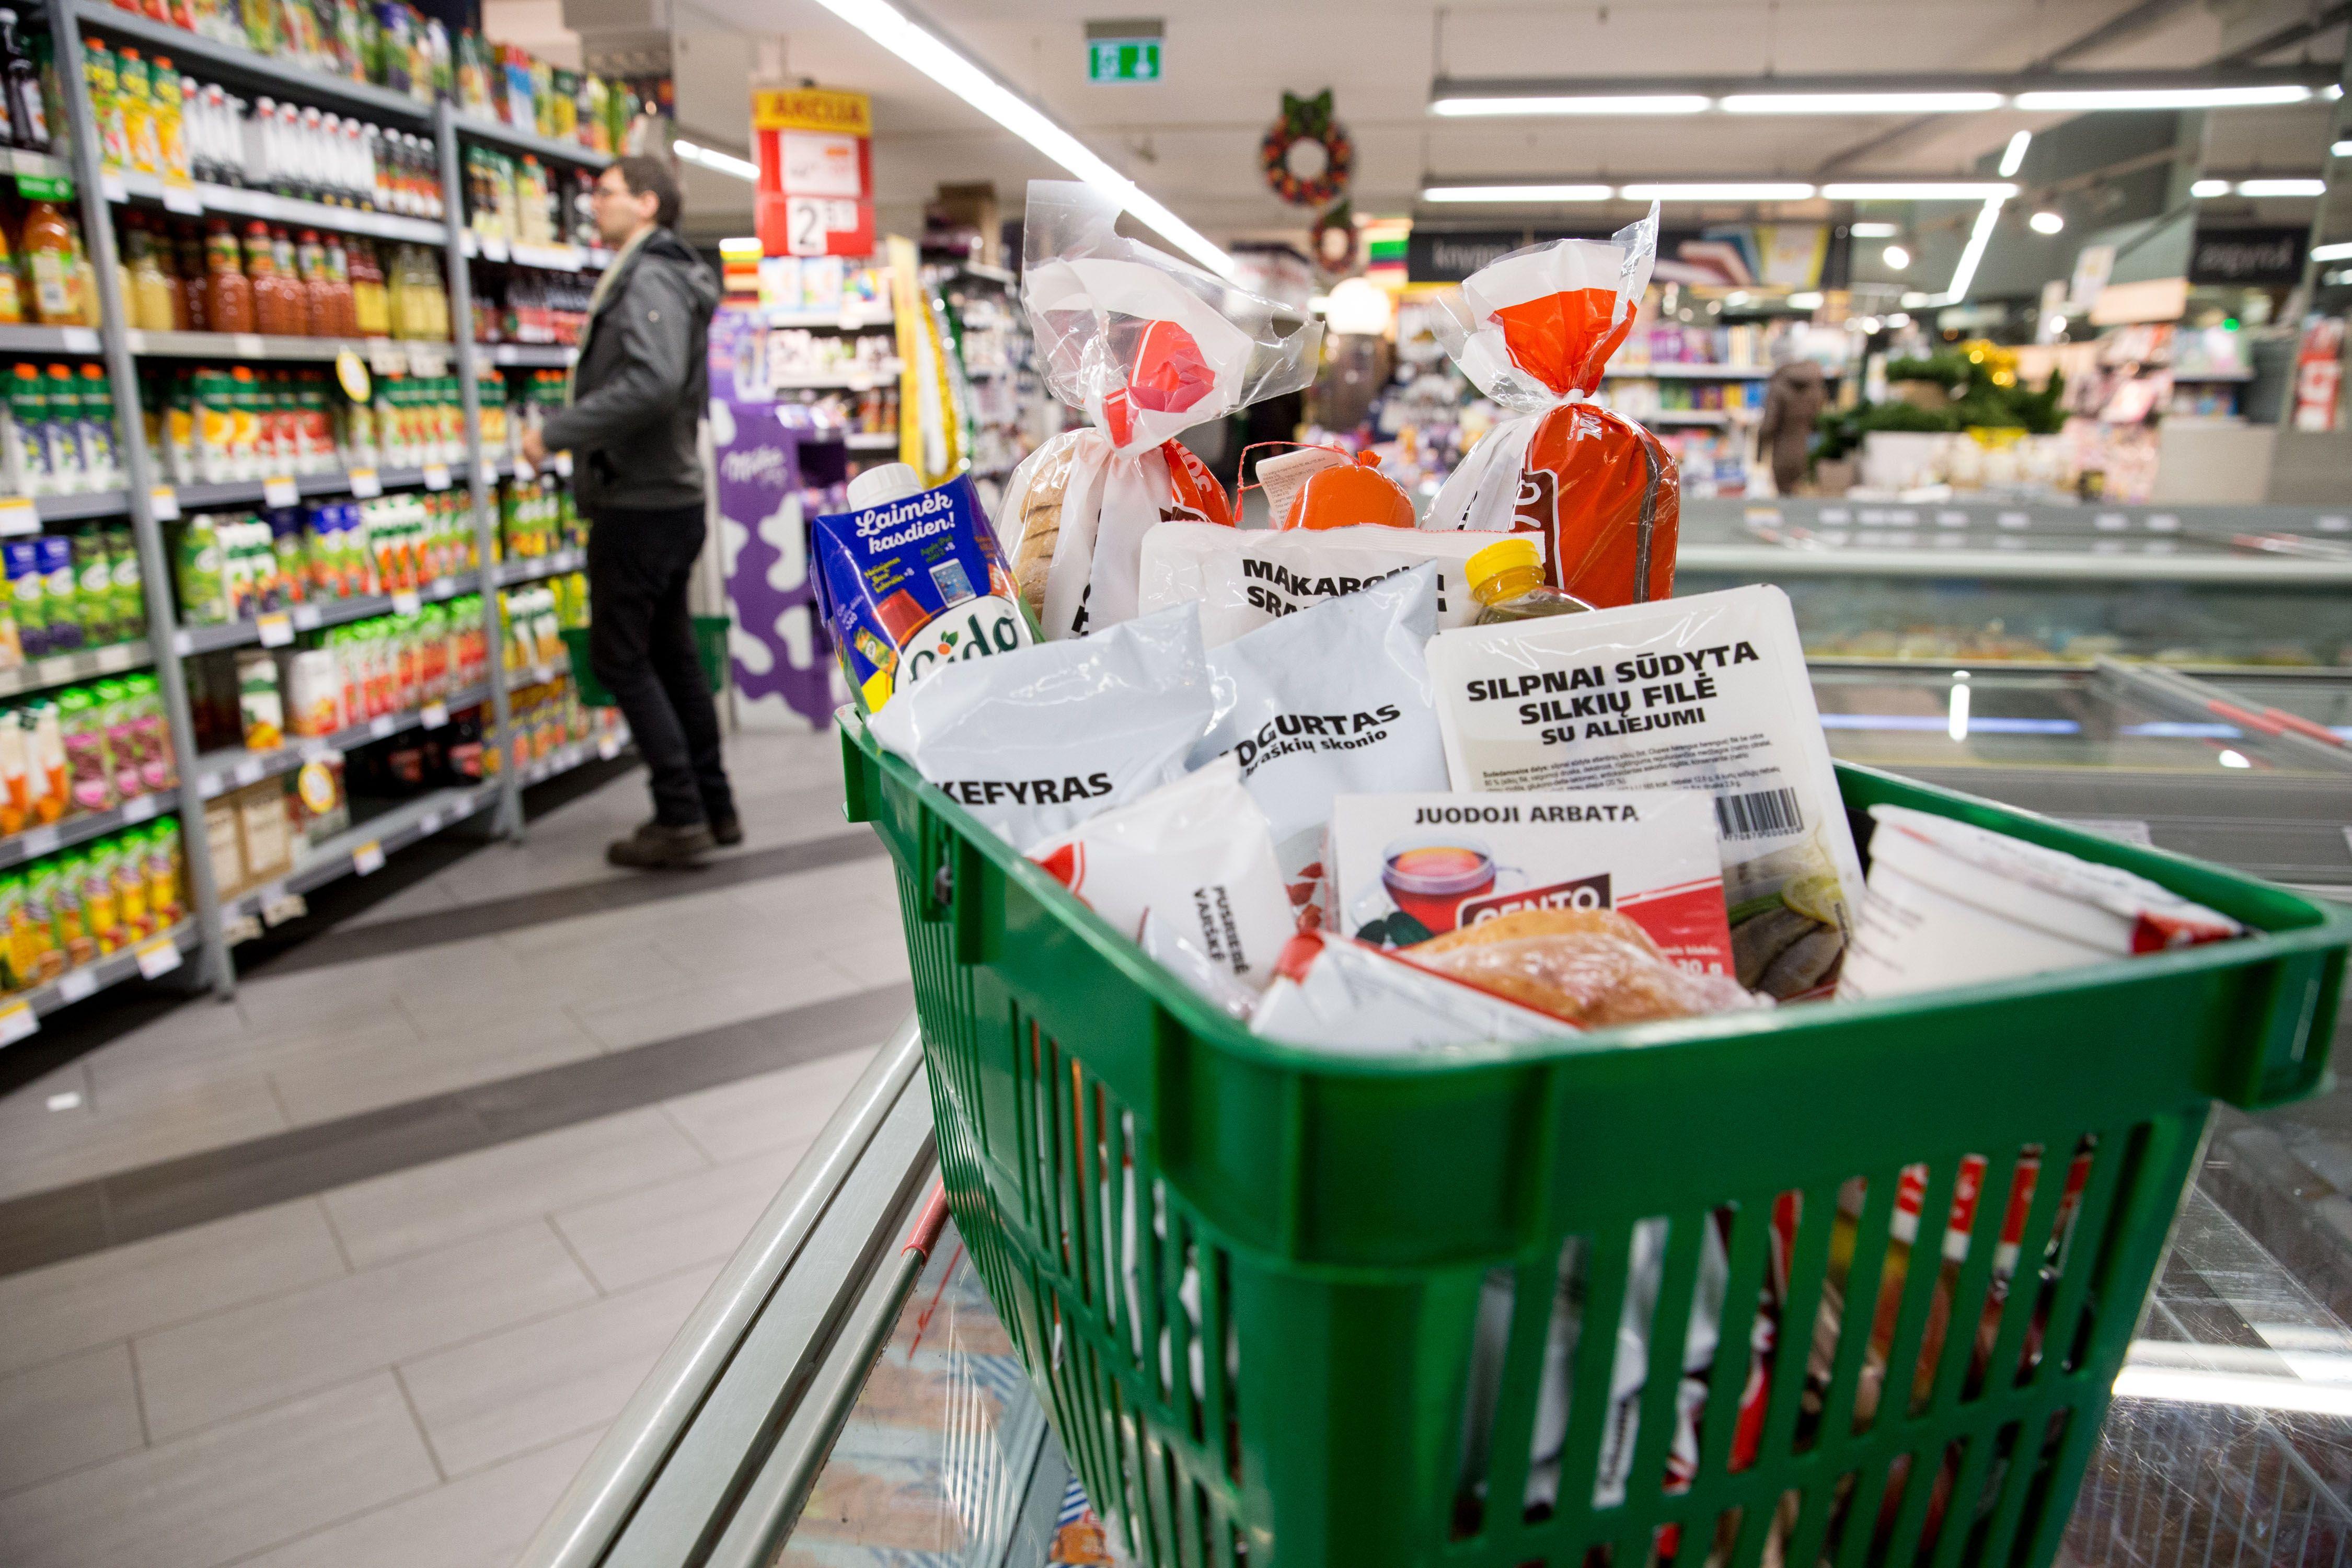 Ką prekybininkai mano apie kainų lyginimo platformas